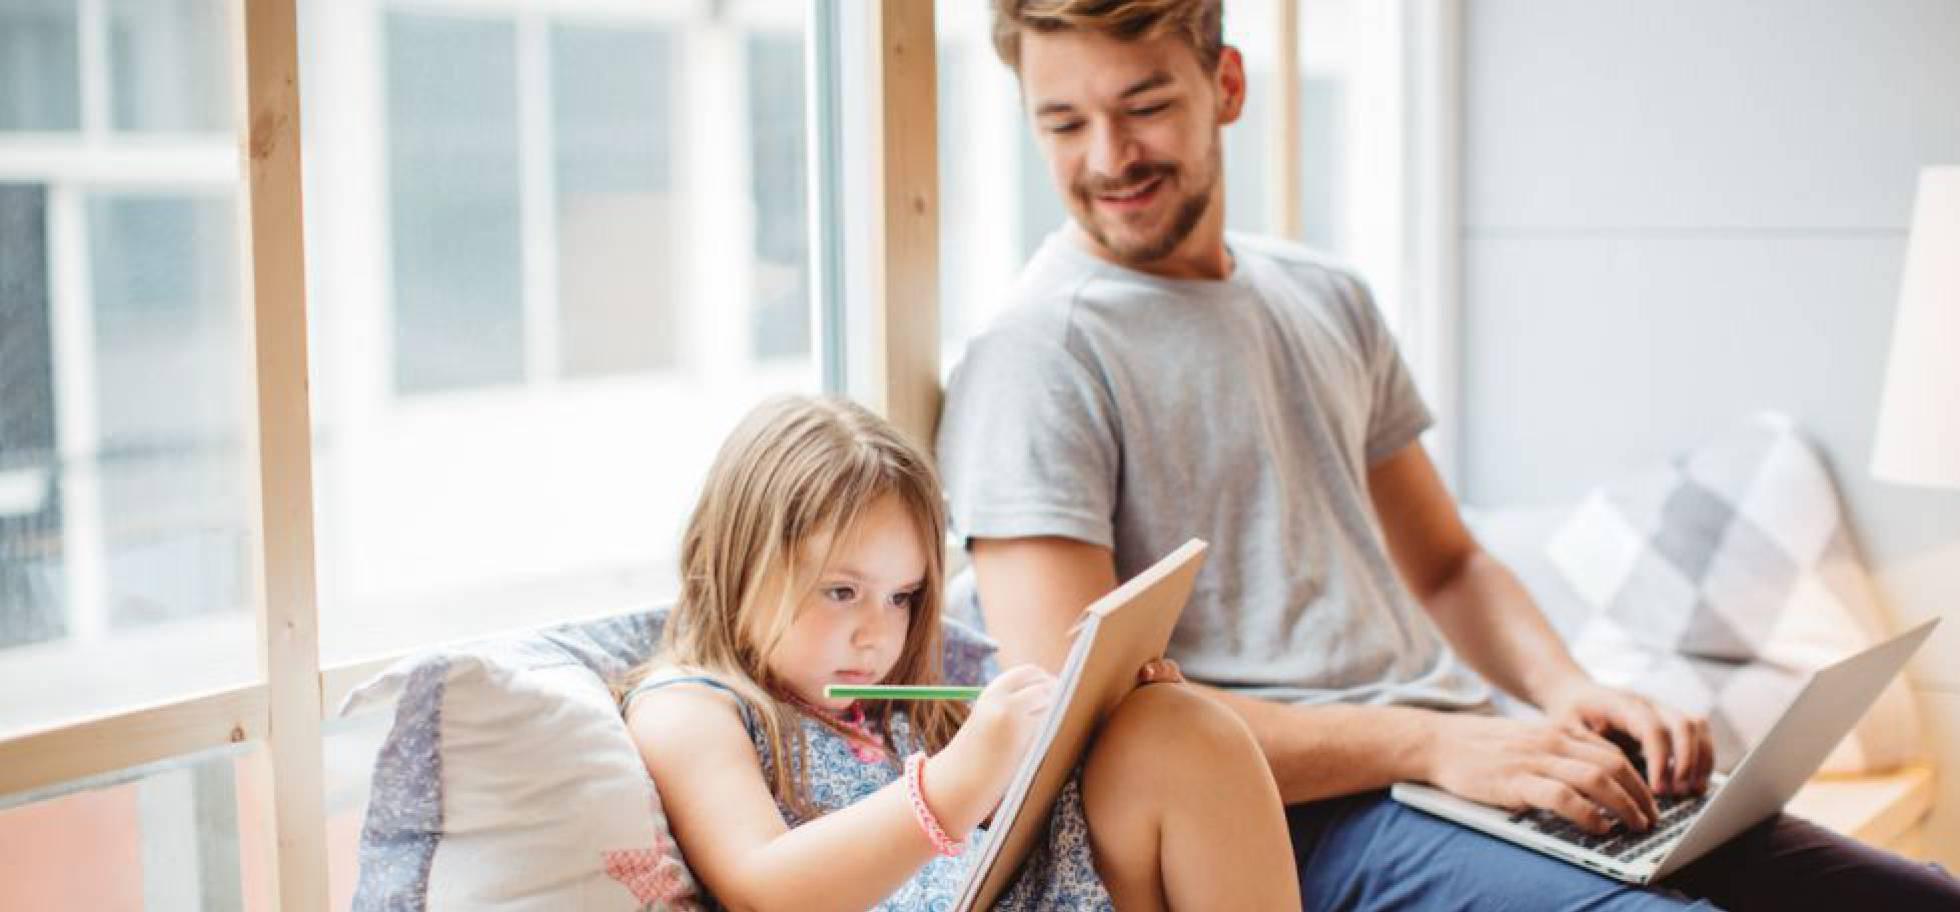 ¿Qué rol juega el padre en el vínculo afectivo futuro de su hija?